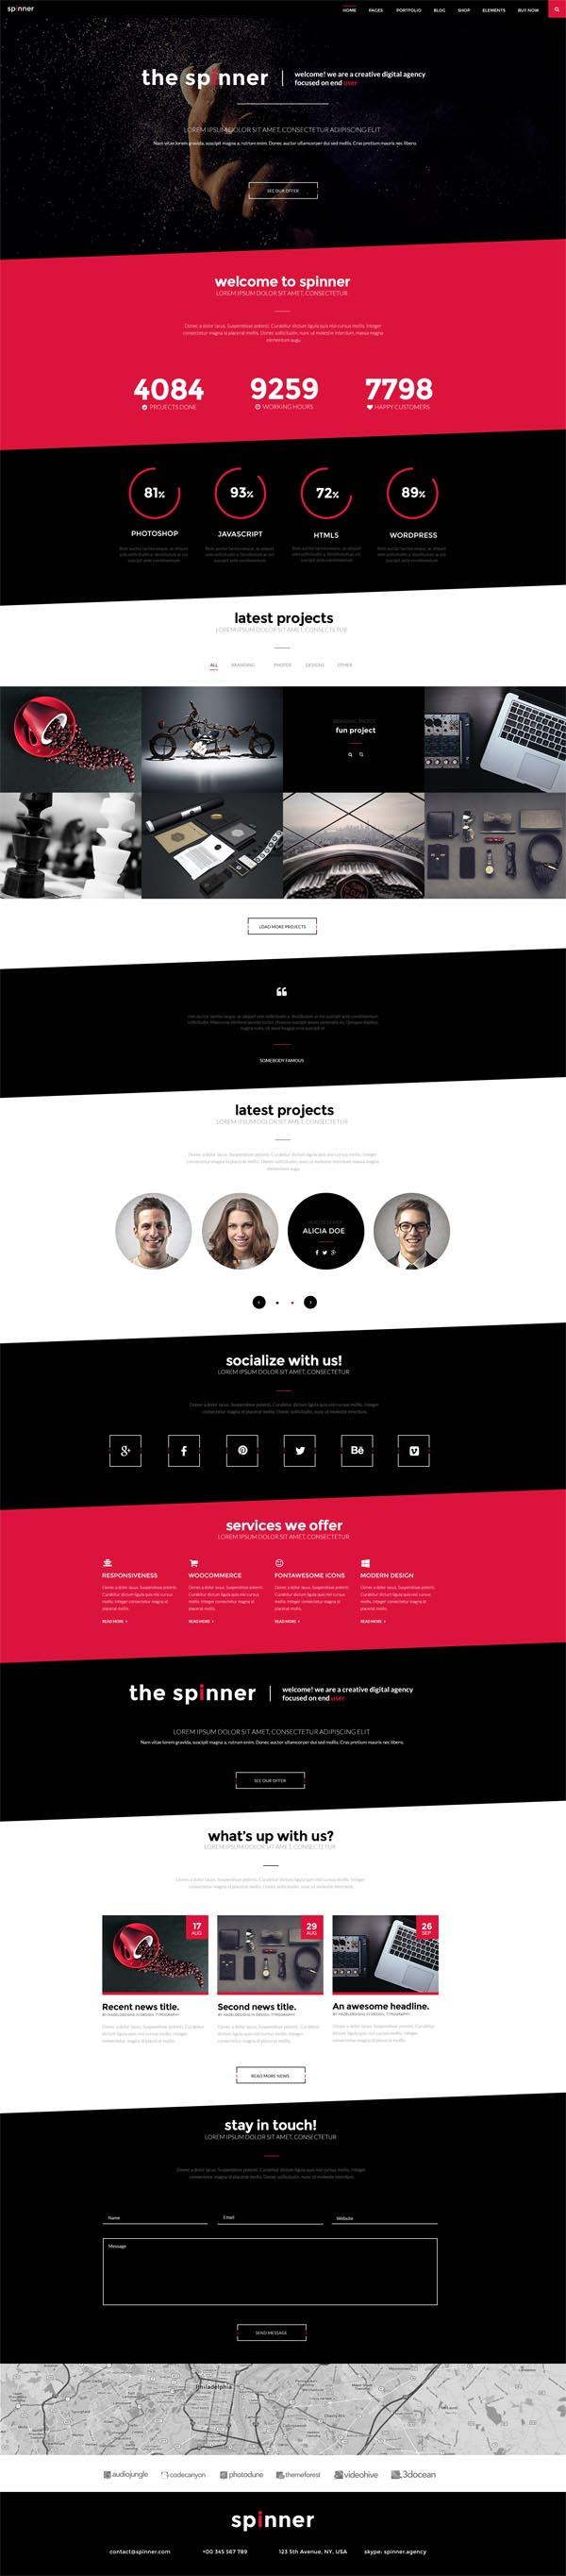 Spinner – Modern, Responsive HTML5 Template